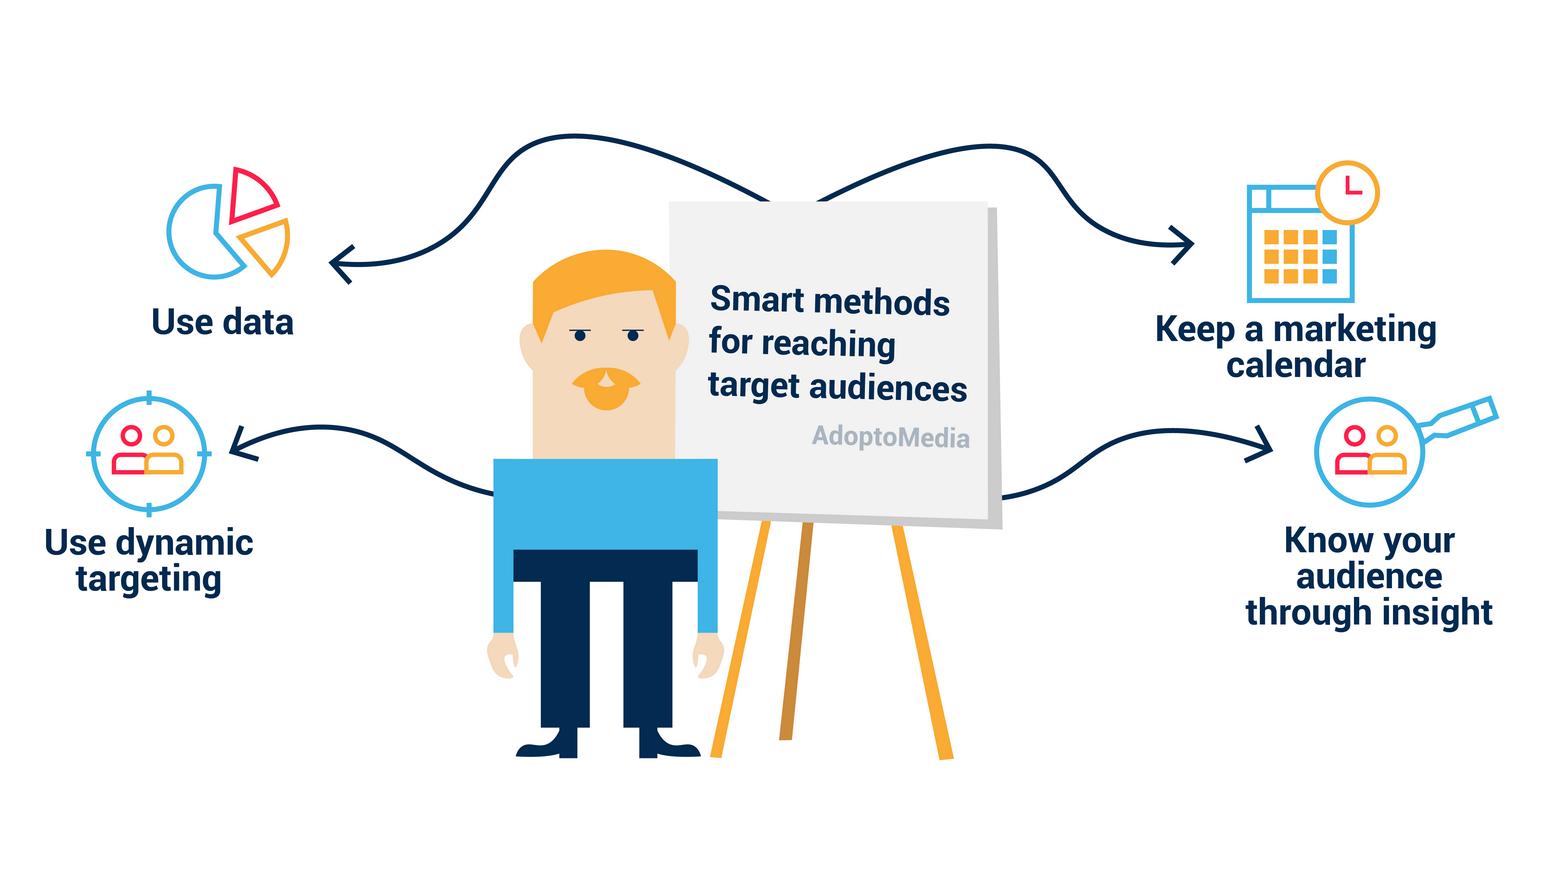 methods for reaching target audience, marketing, target, dynamic targeting, AdoptoMedia